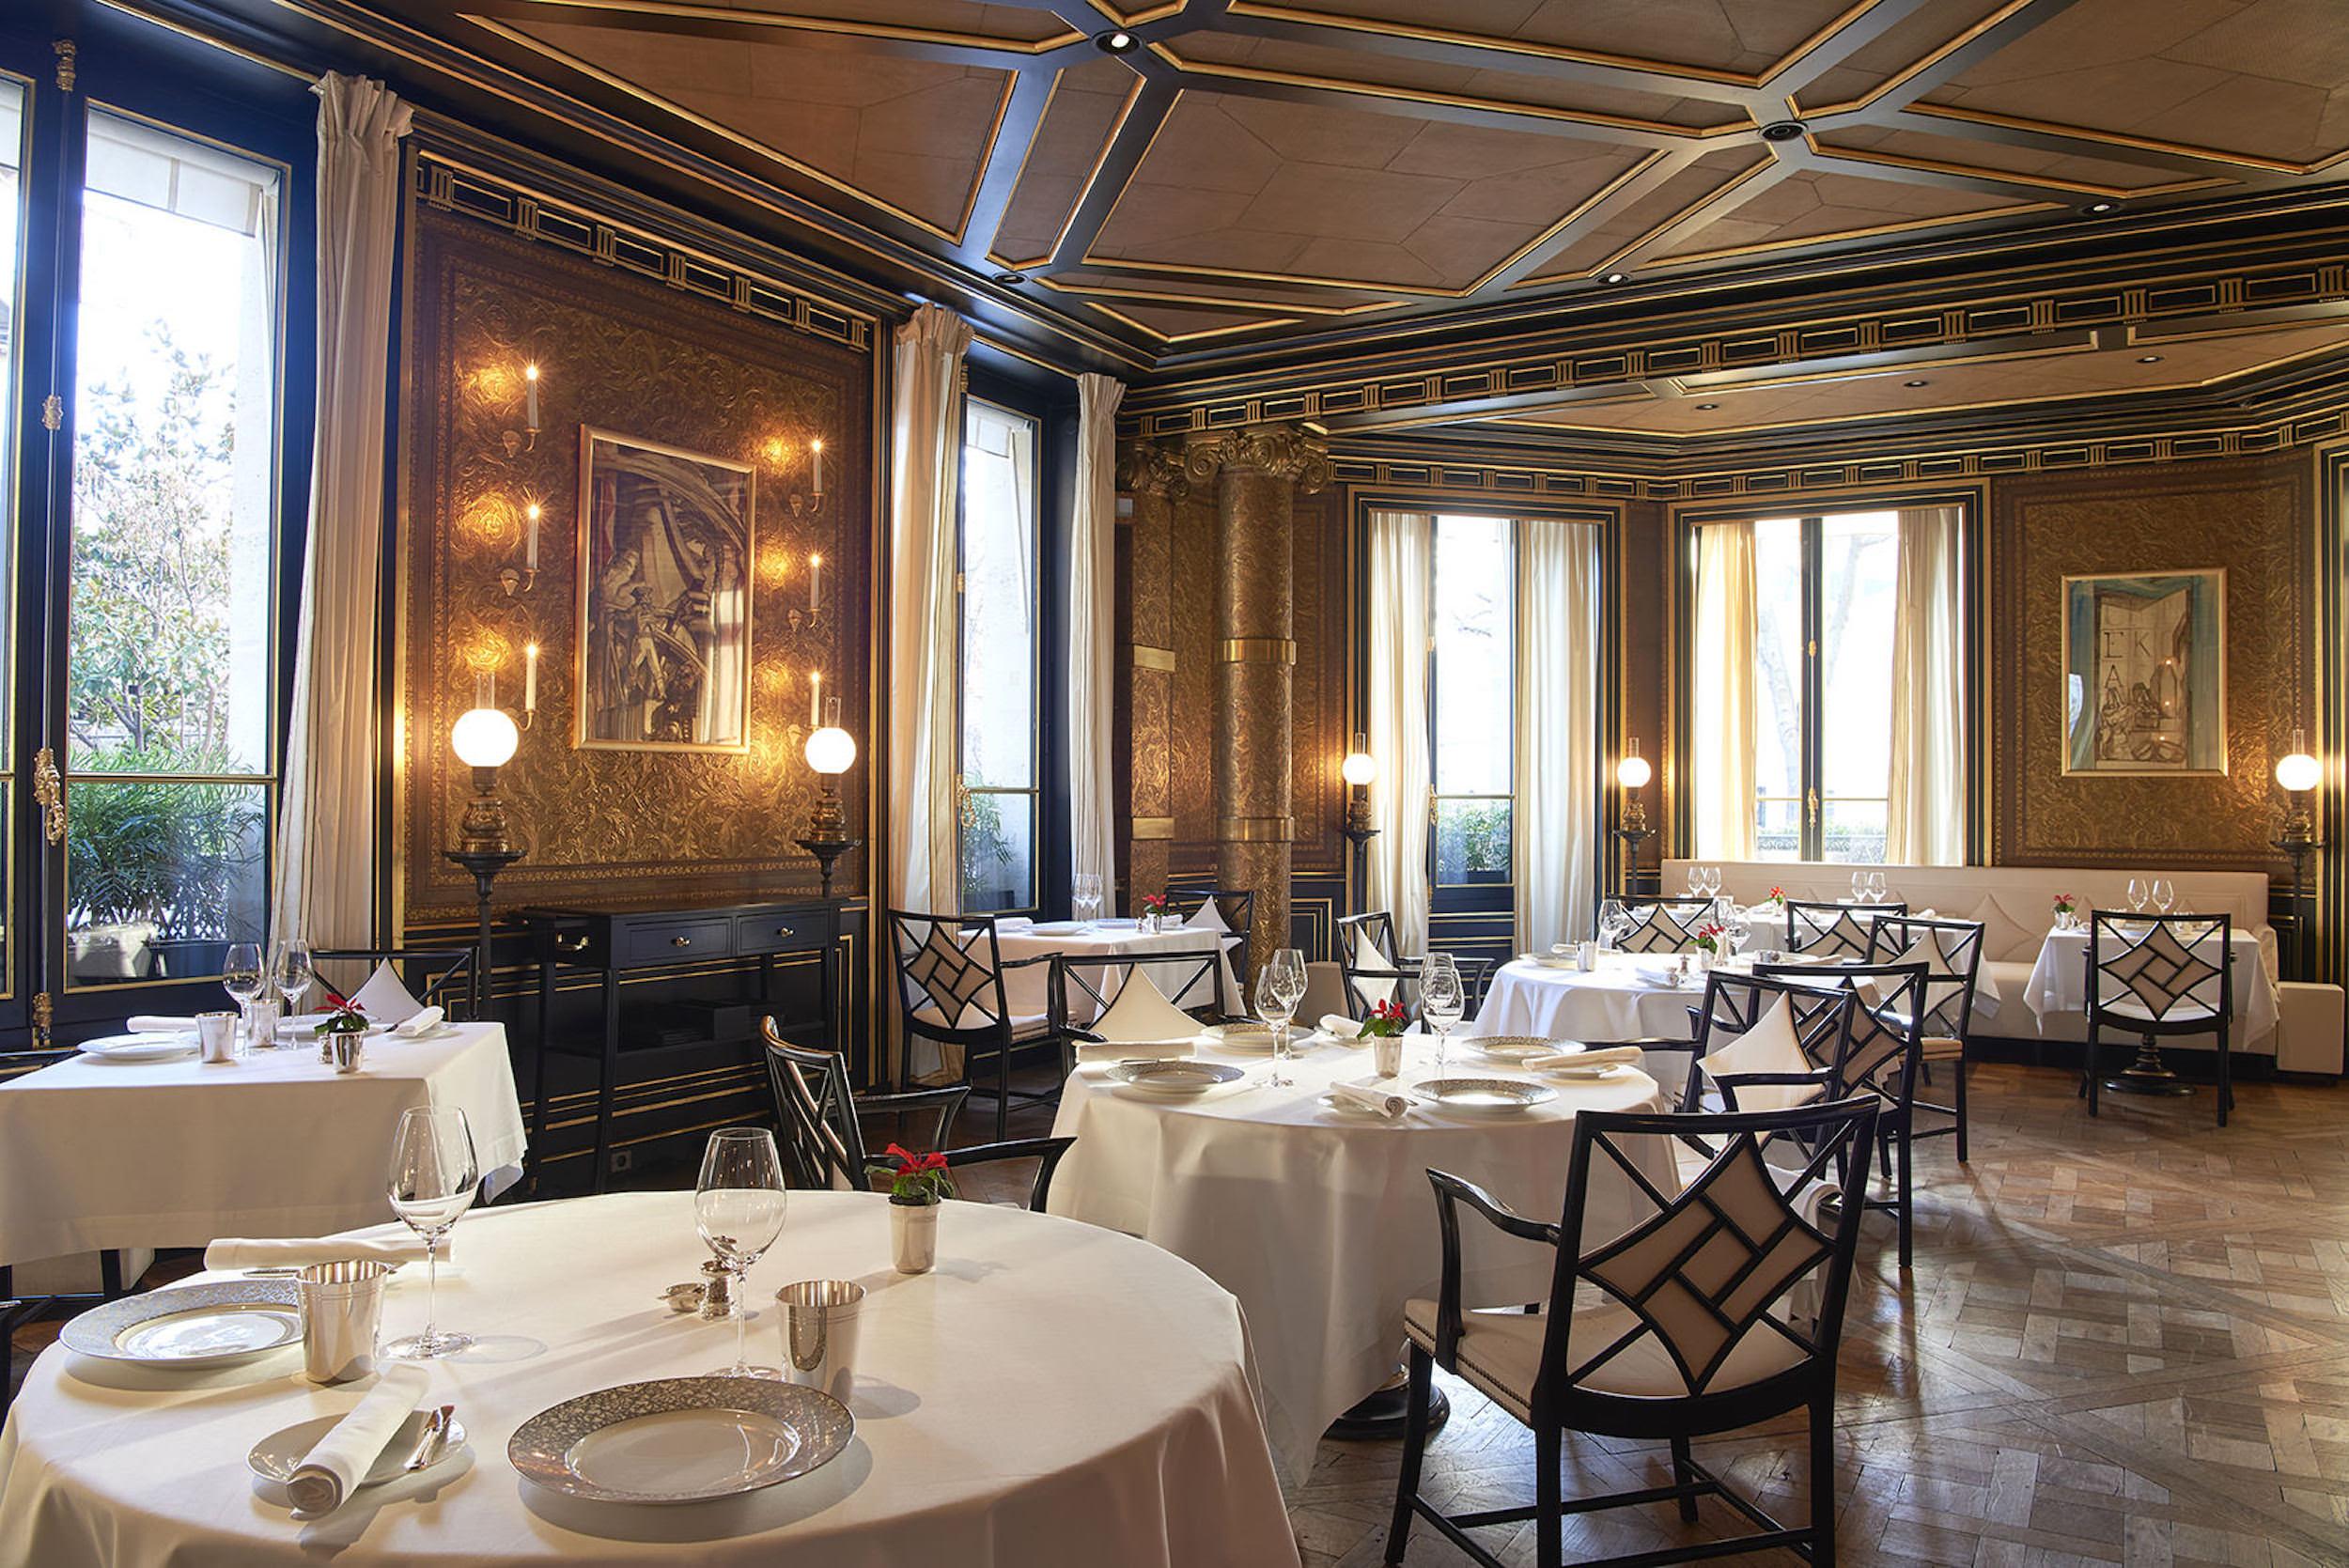 Restaurant Le Gabriel, La Réserve Paris(レストラン・ラ・レゼルヴ)内観